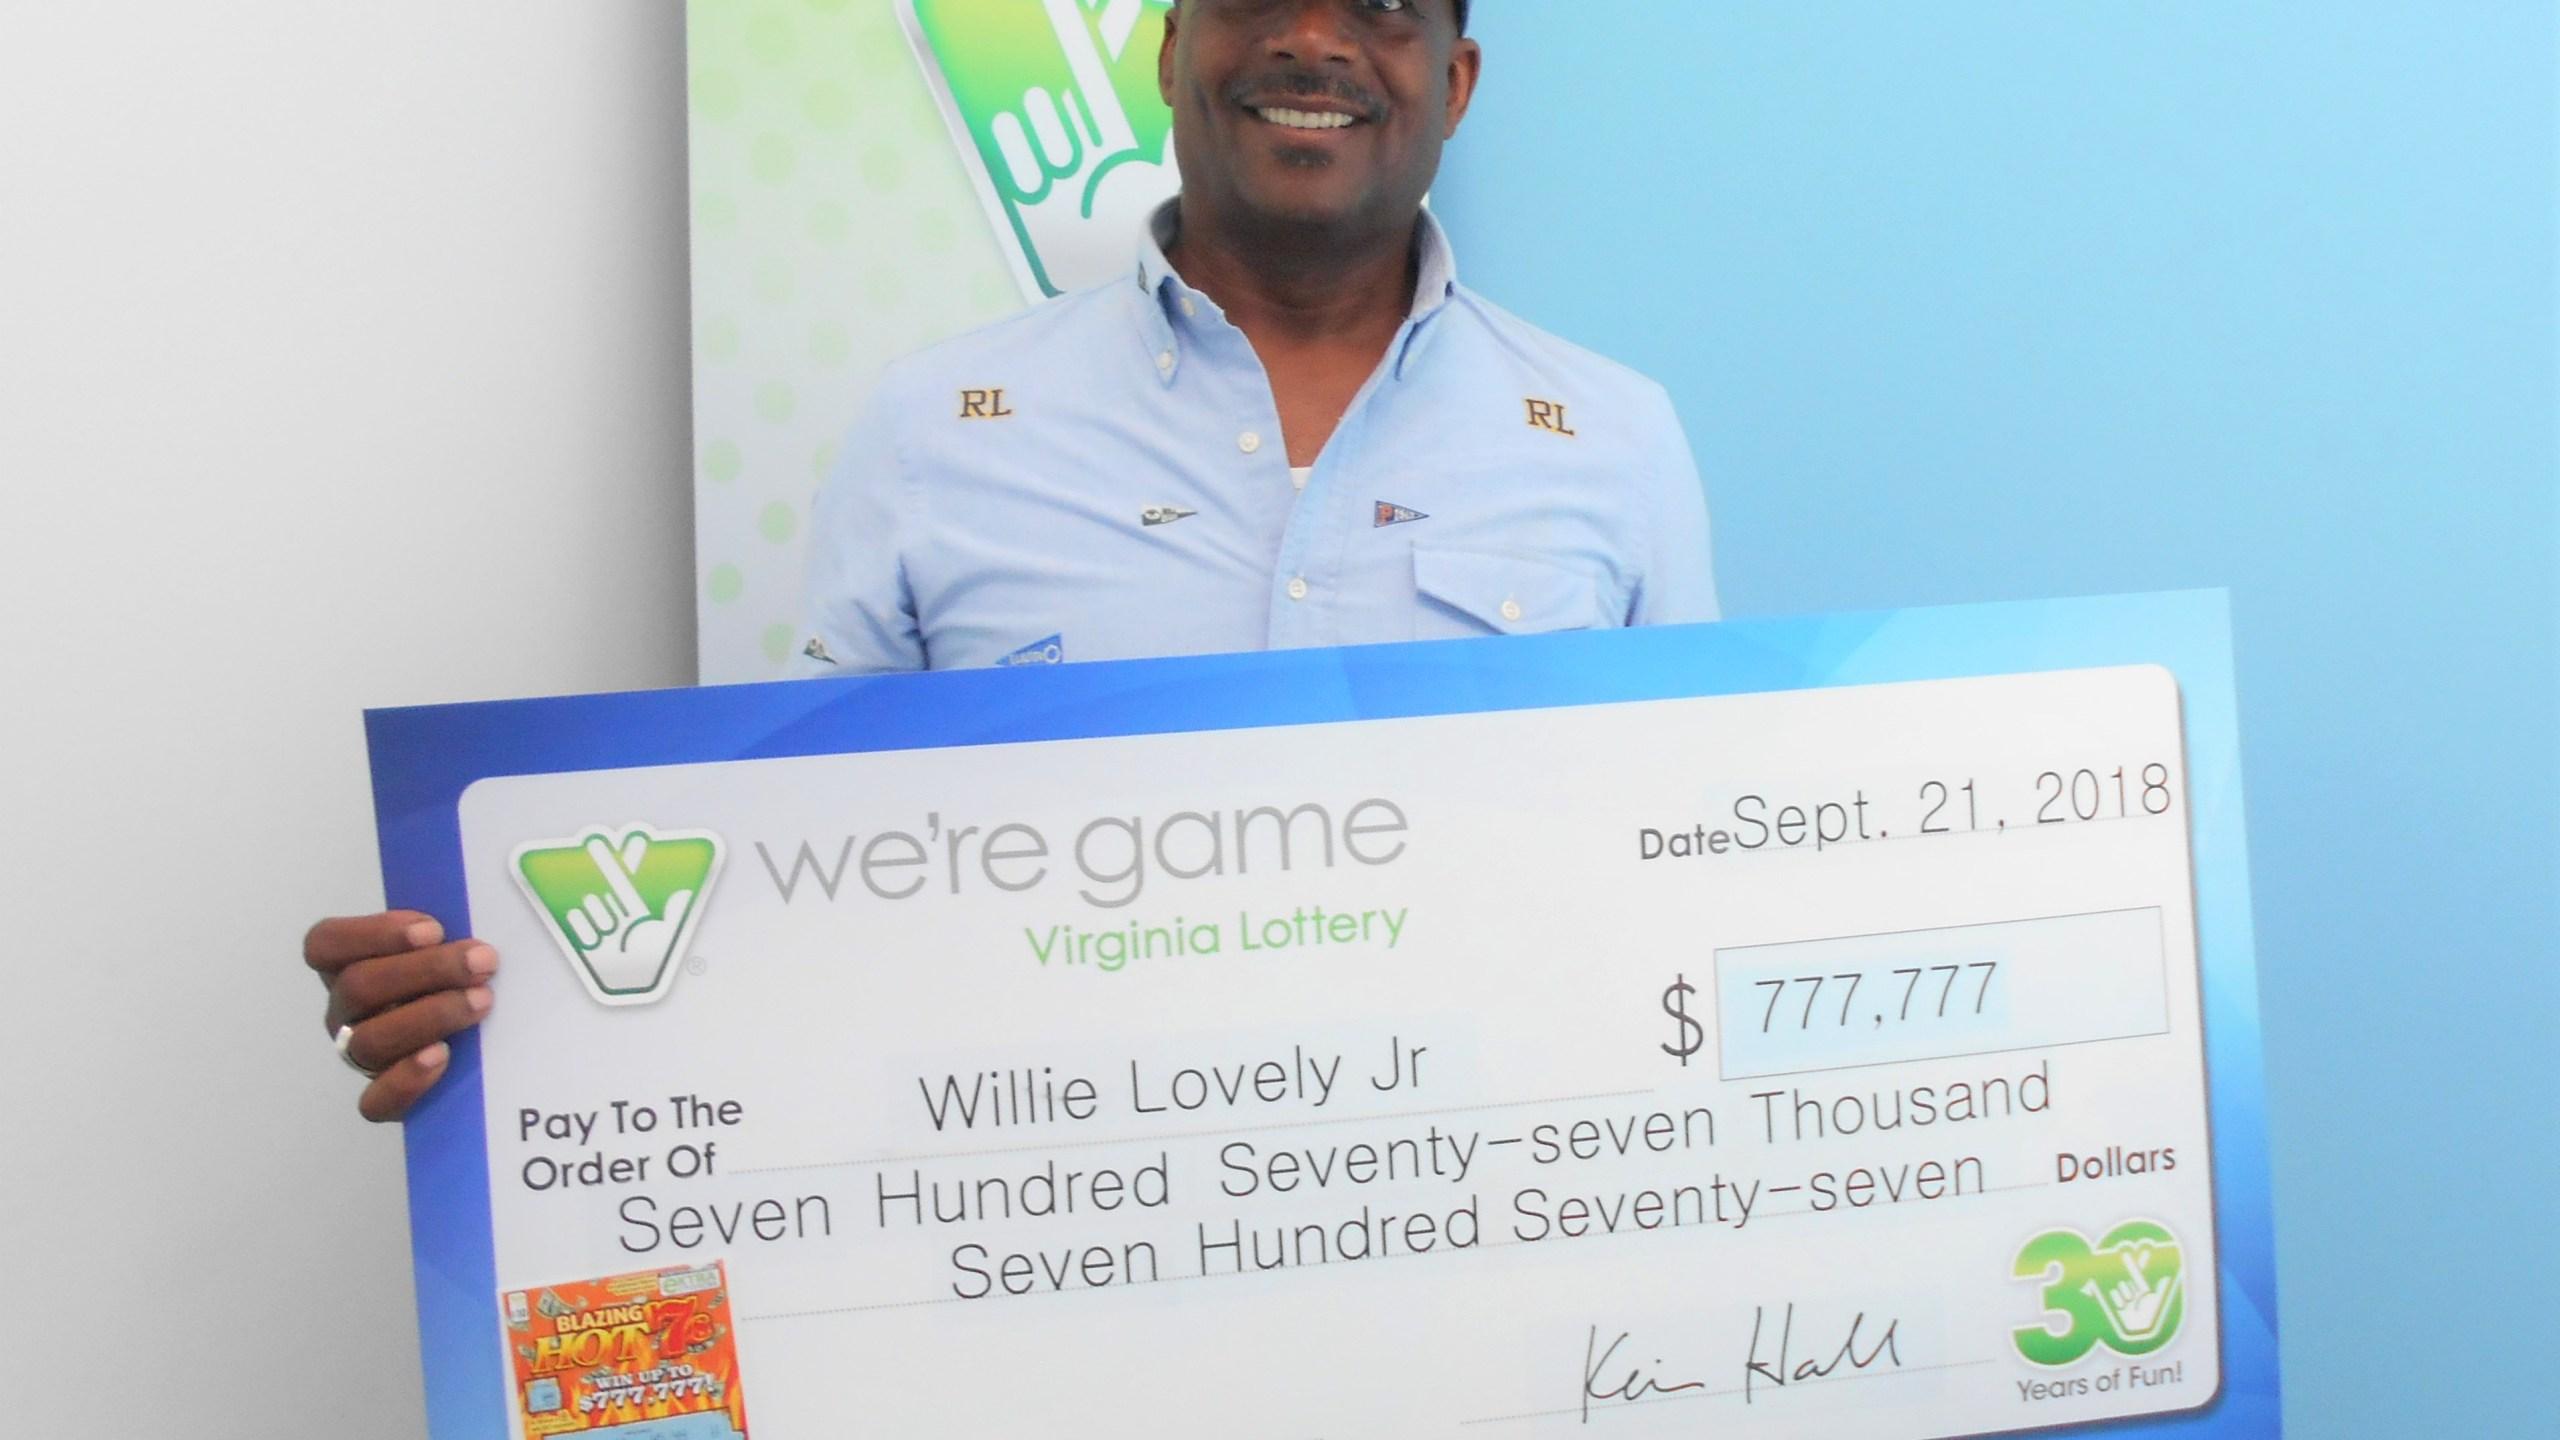 Virginia Lottery Chesapeake Willie Lovely Jr._1539202343321.jpg.jpg